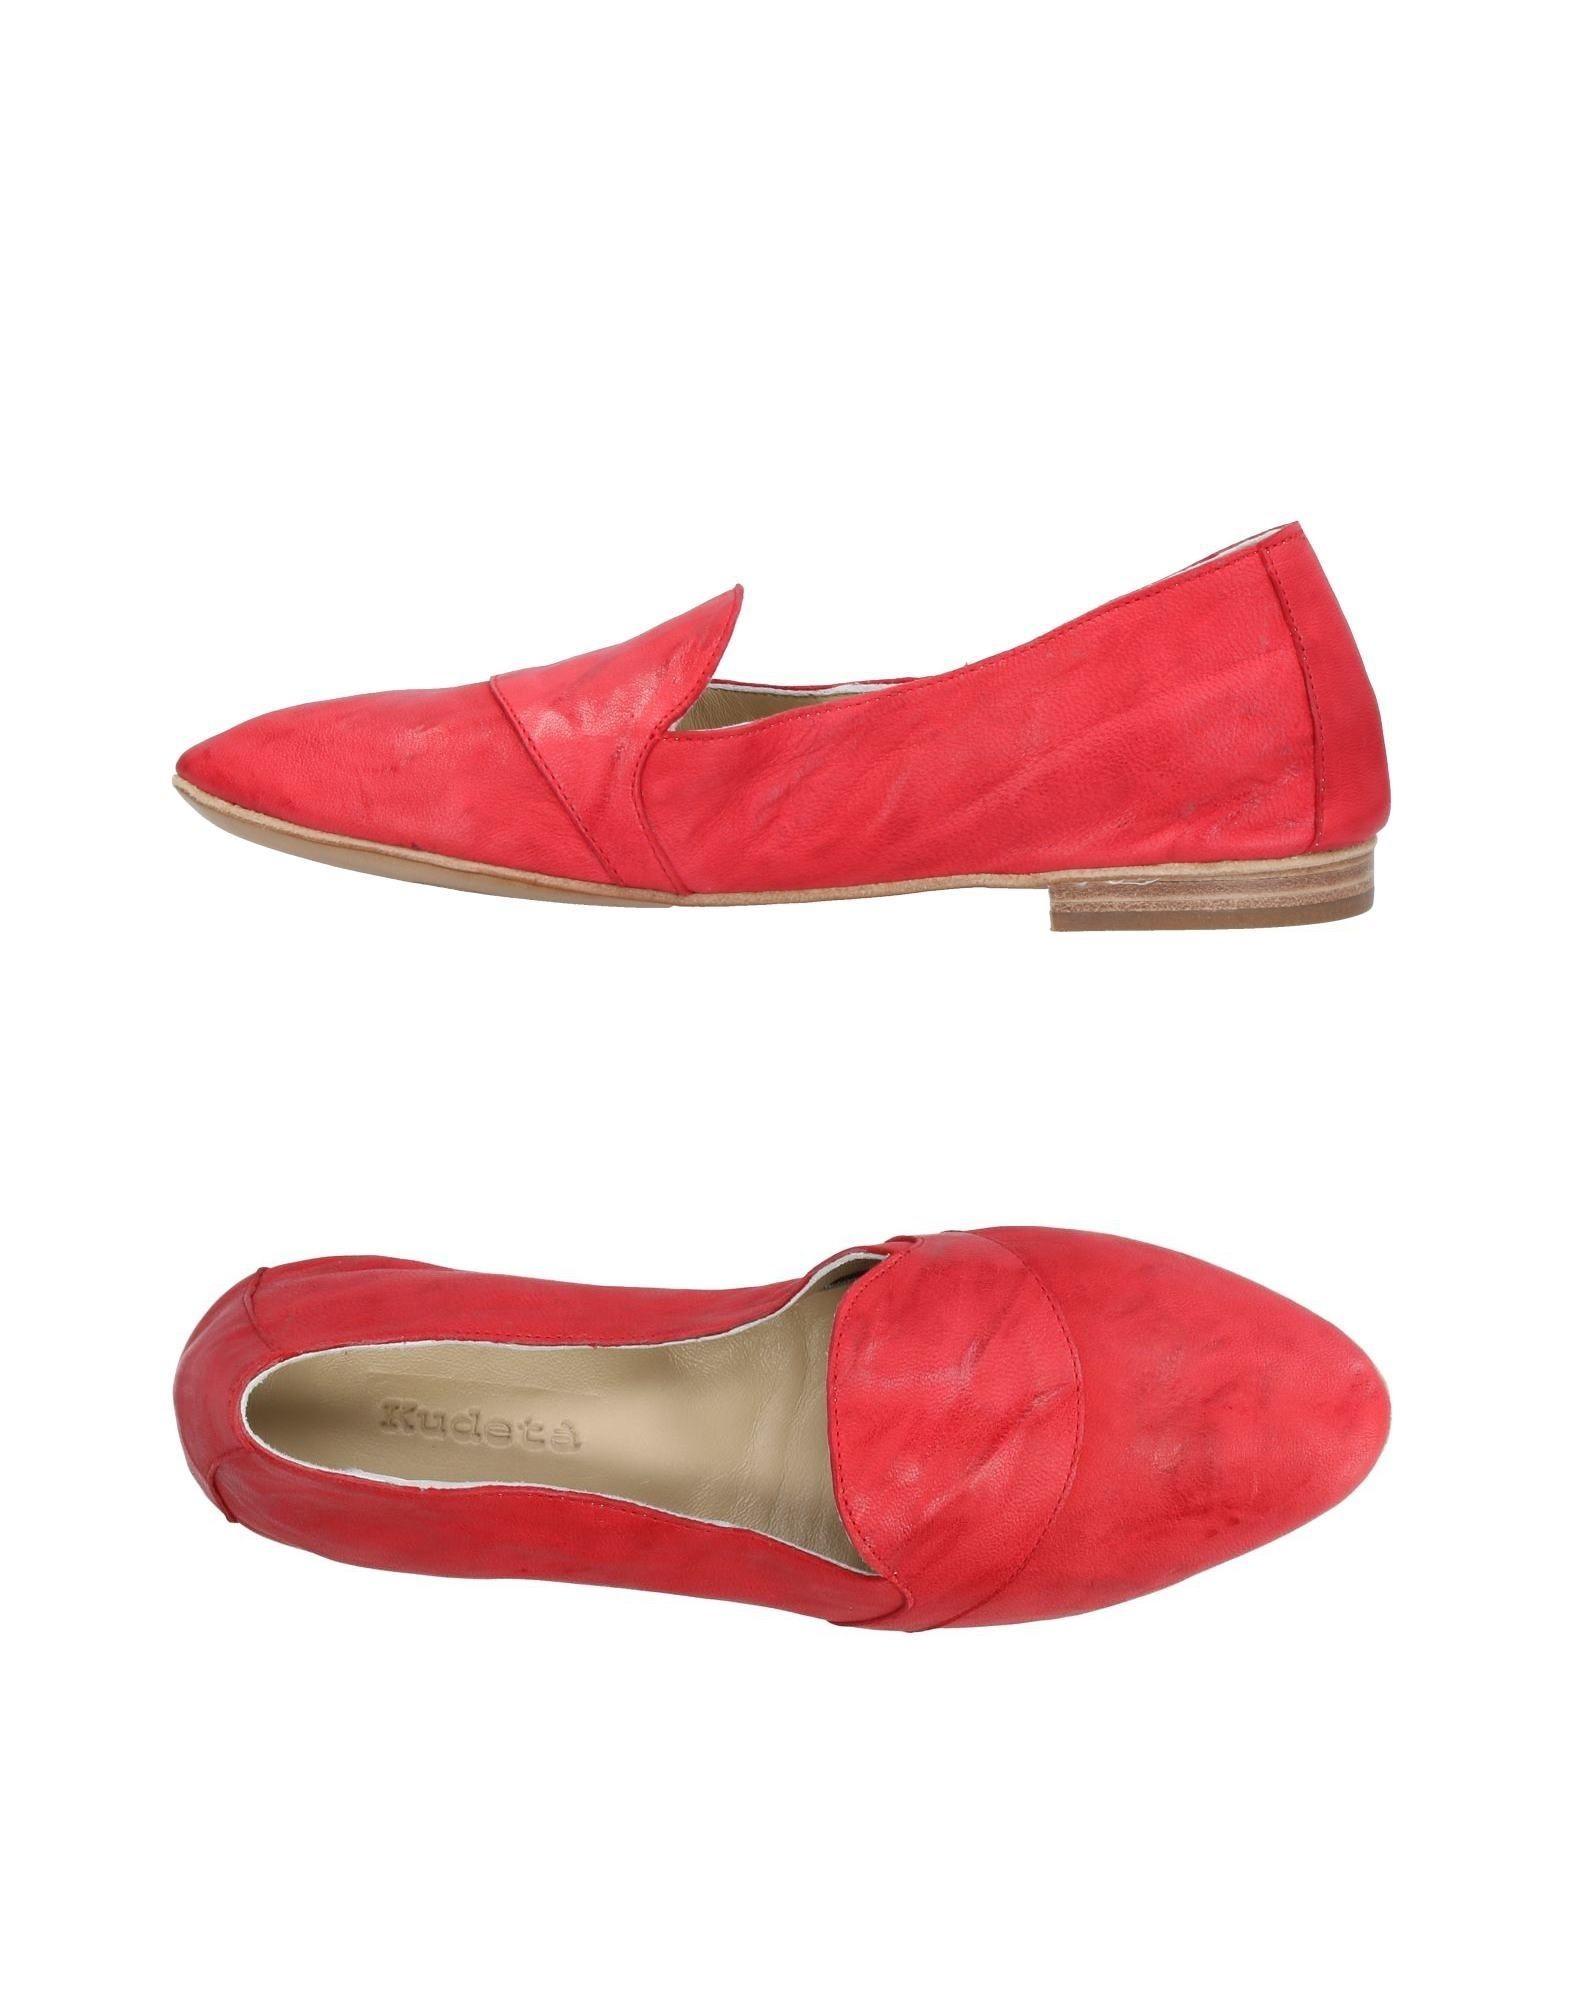 Kudetà Mokassins Damen  11433959HS Gute Qualität beliebte Schuhe